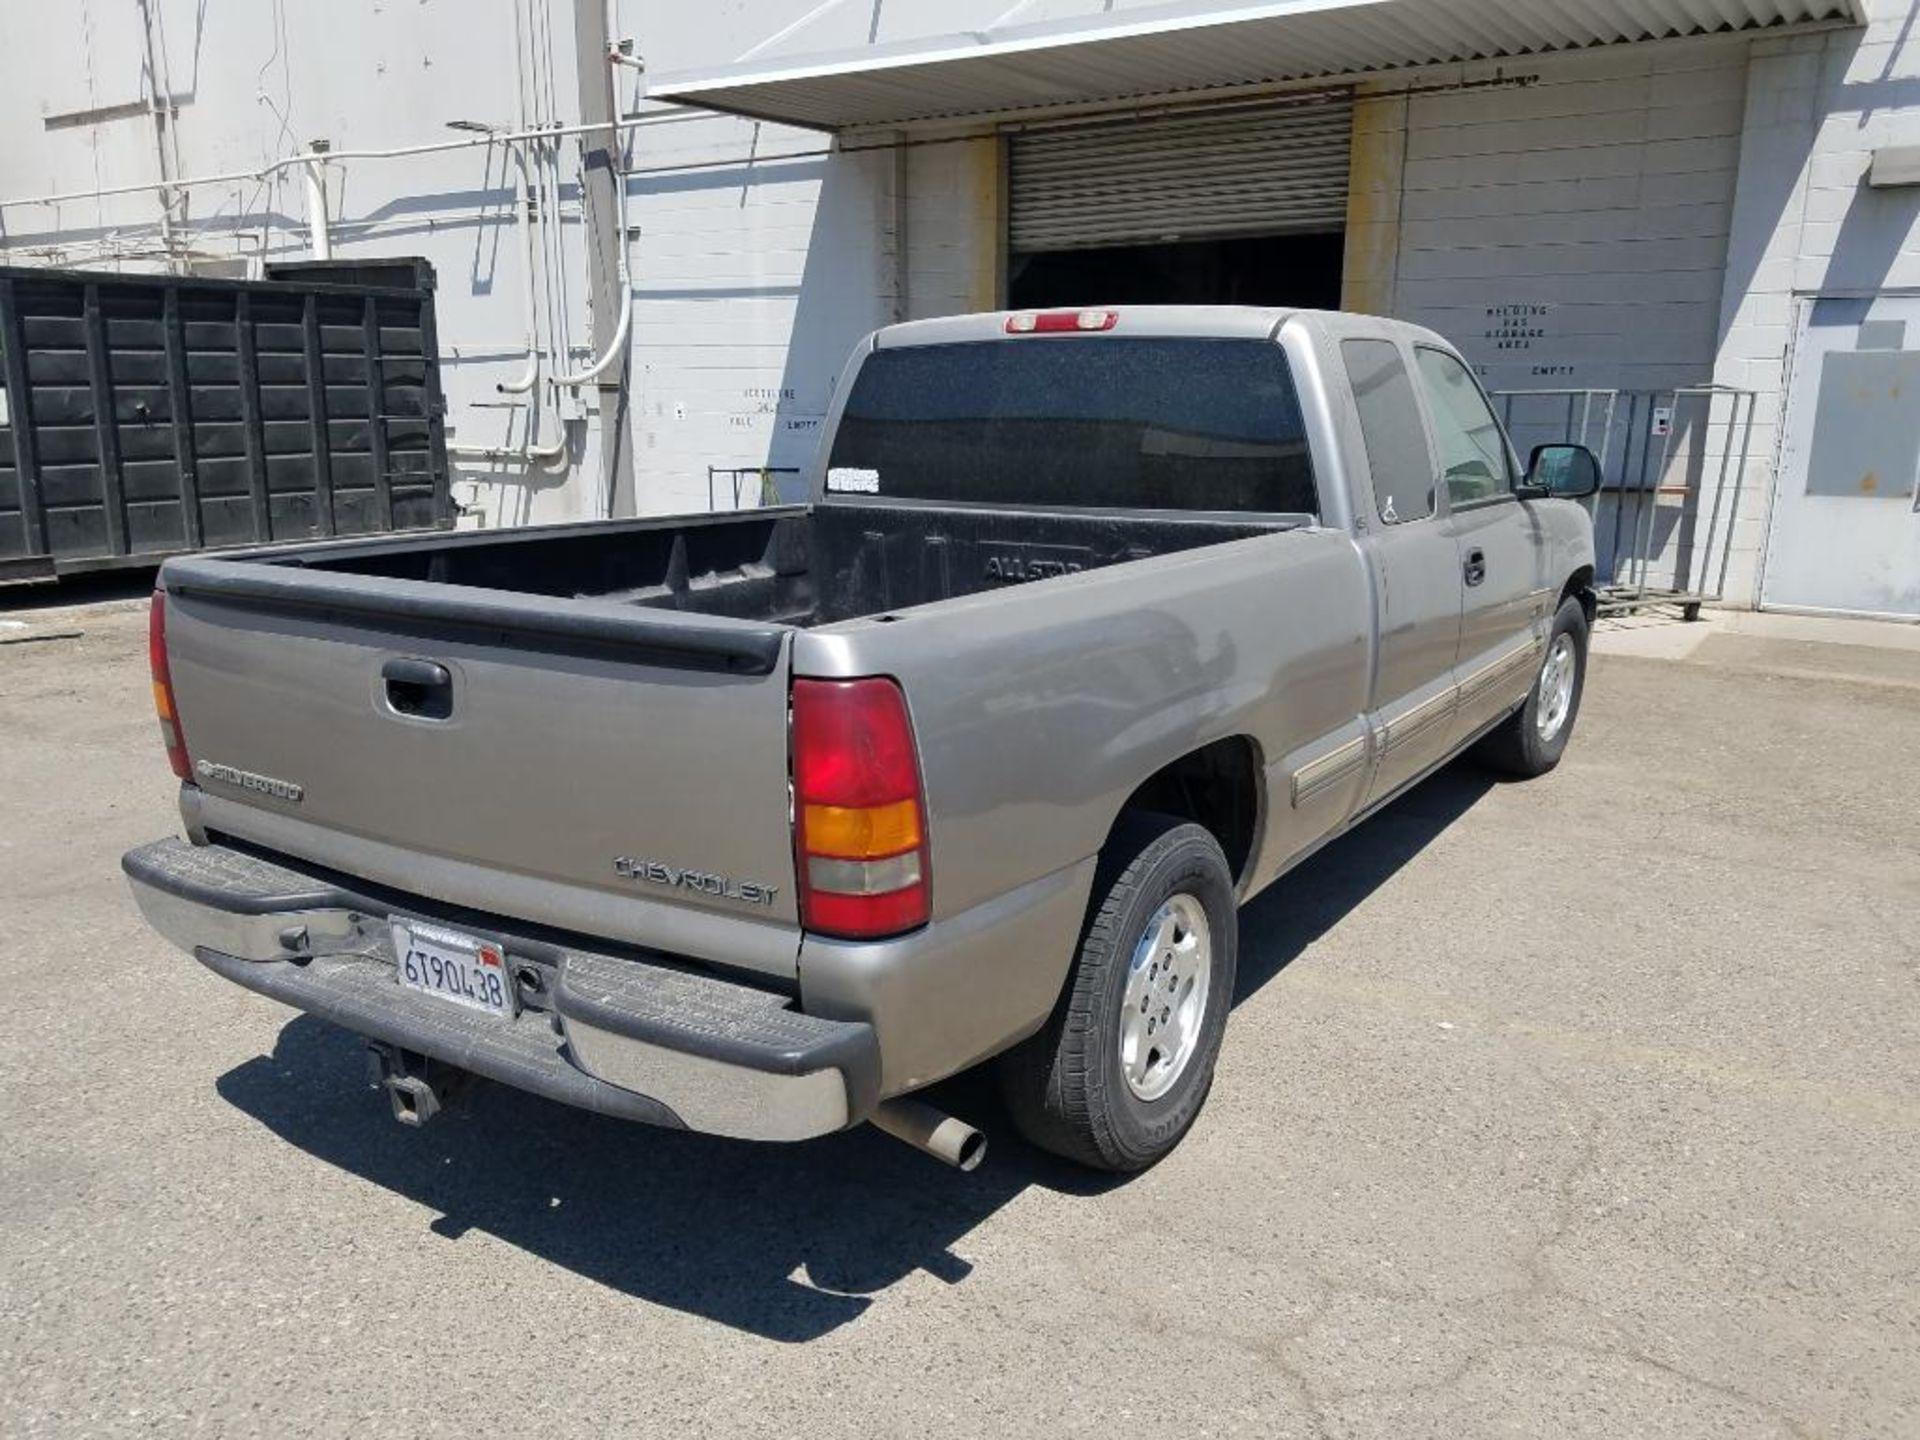 2000 Chevrolet Silverado 1500 LS - Image 21 of 27